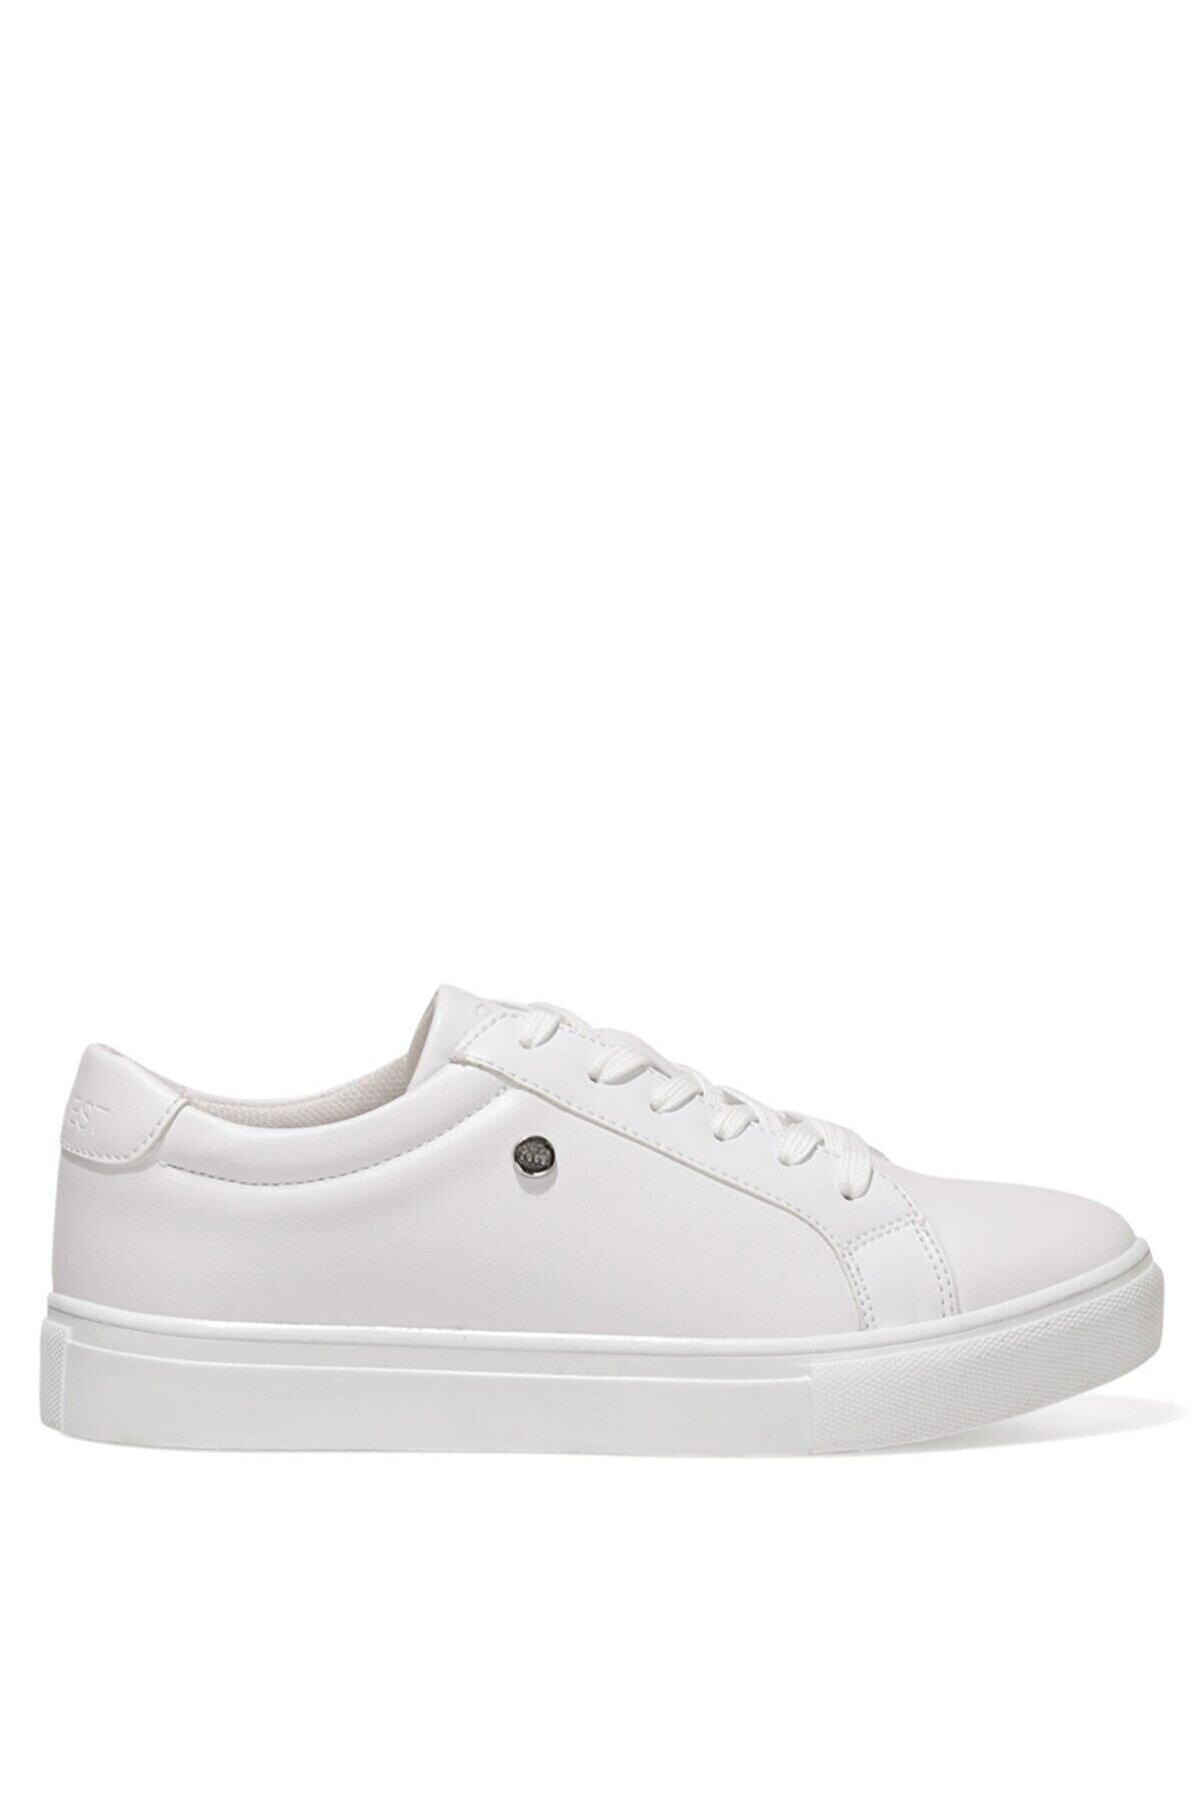 Nine West Amelıa2 1fx Beyaz Kadın Spor Ayakkabı